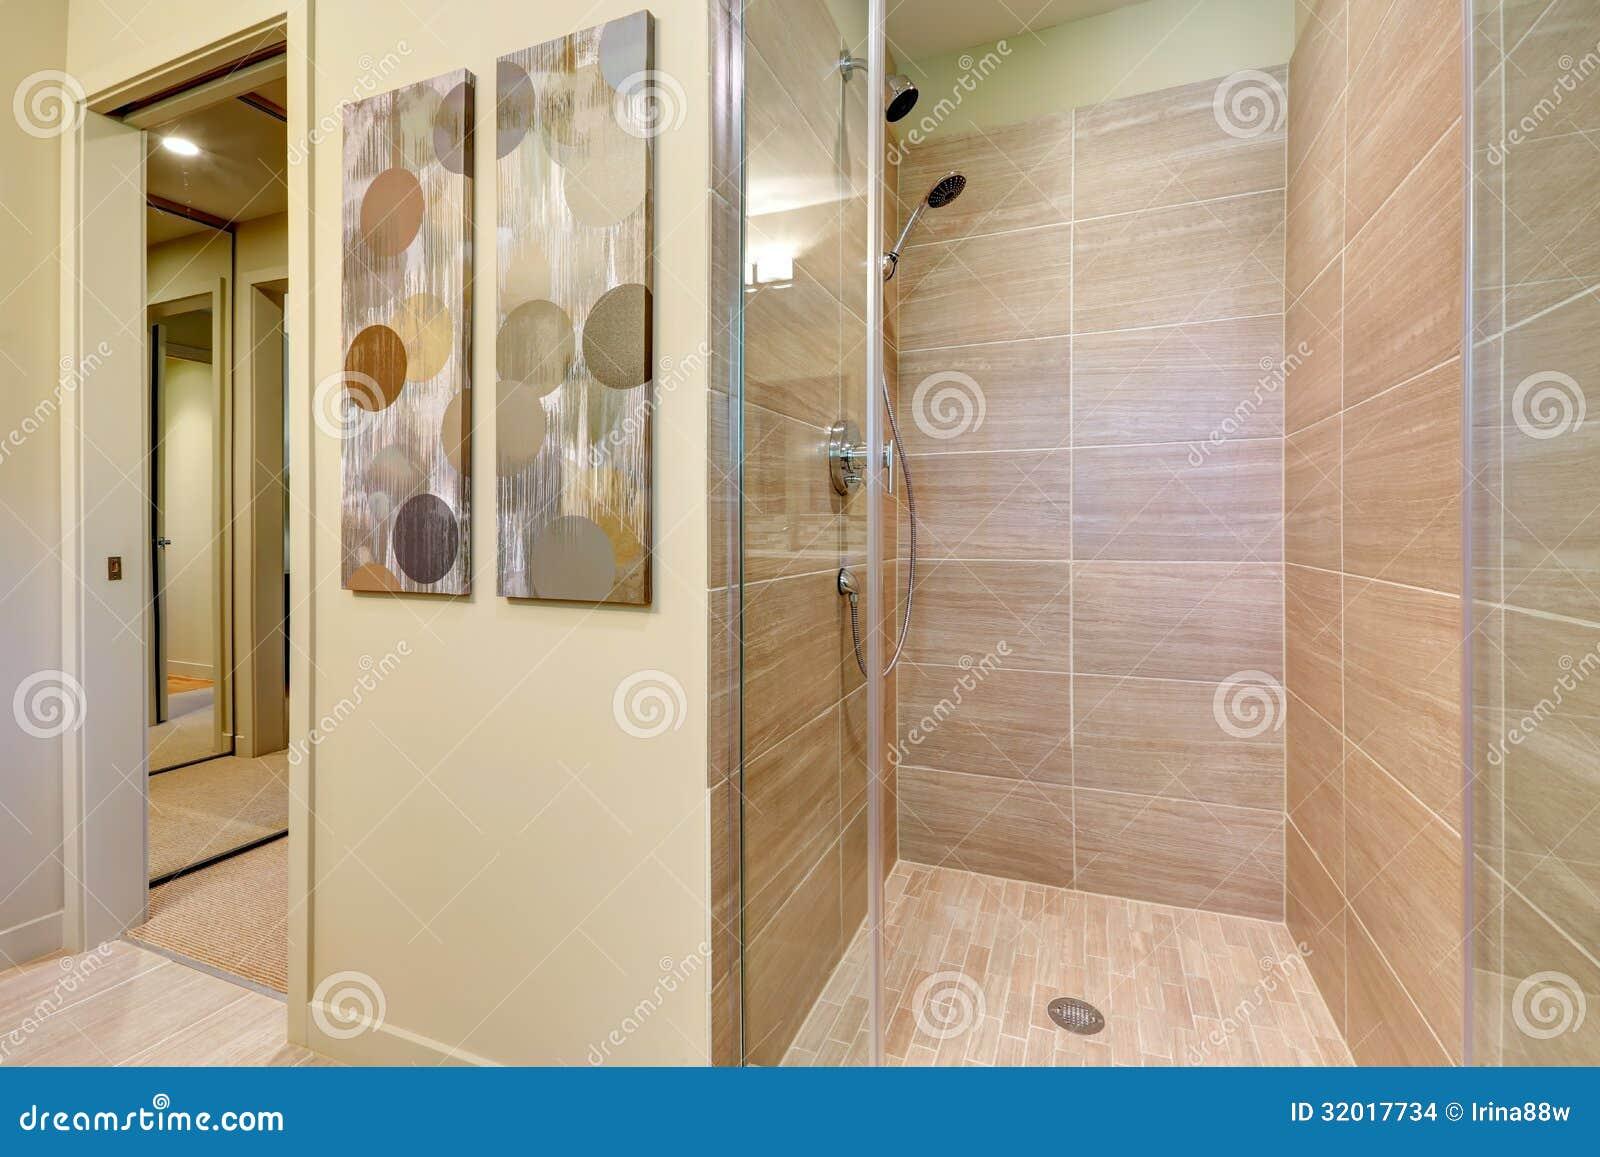 azienki Prysznic Z Szklanymi Drzwiami I Naturalnymi Kolor